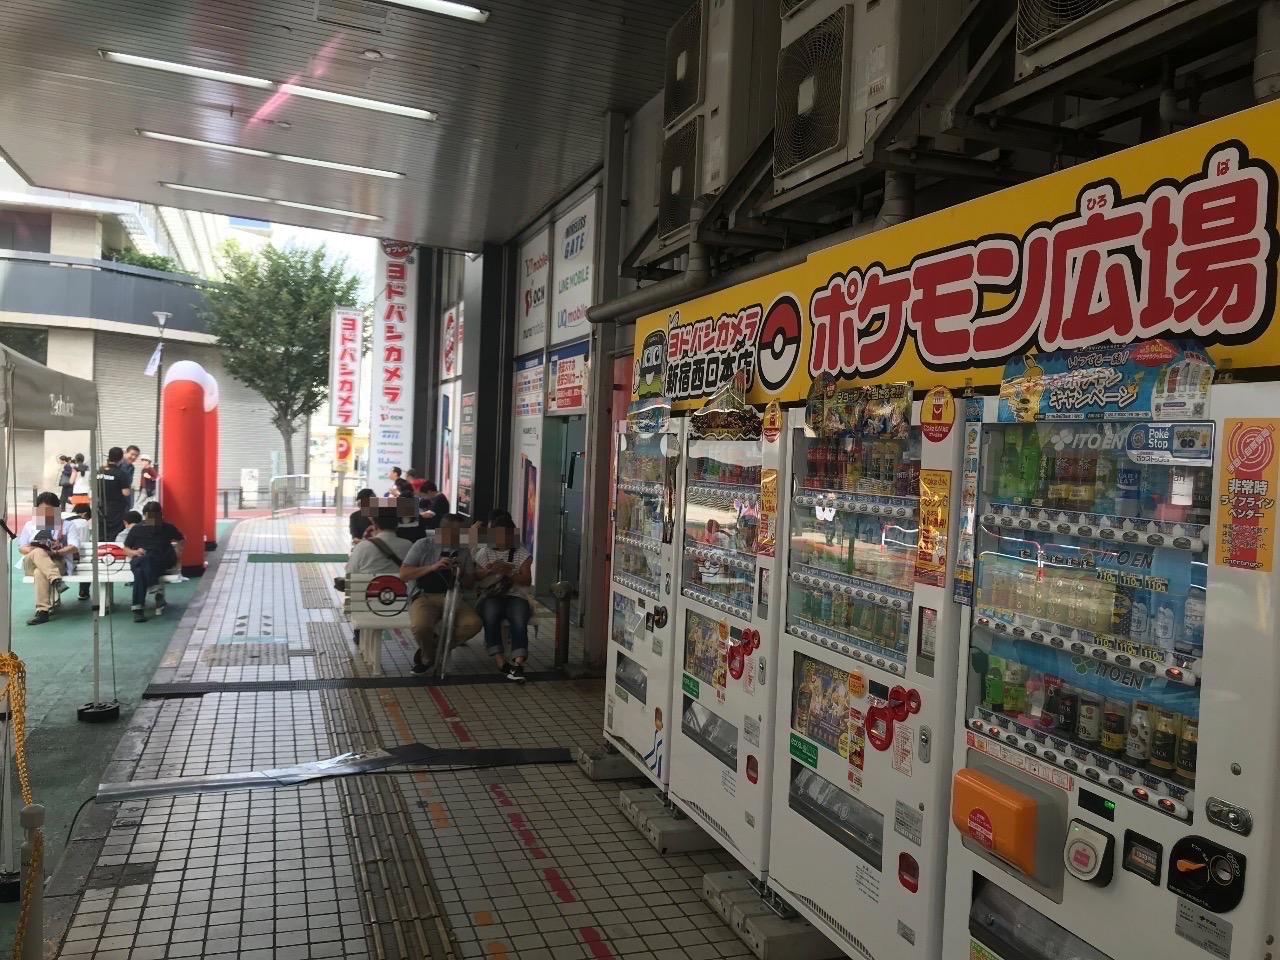 新宿西口のポケモンGOの聖地に行ってきた